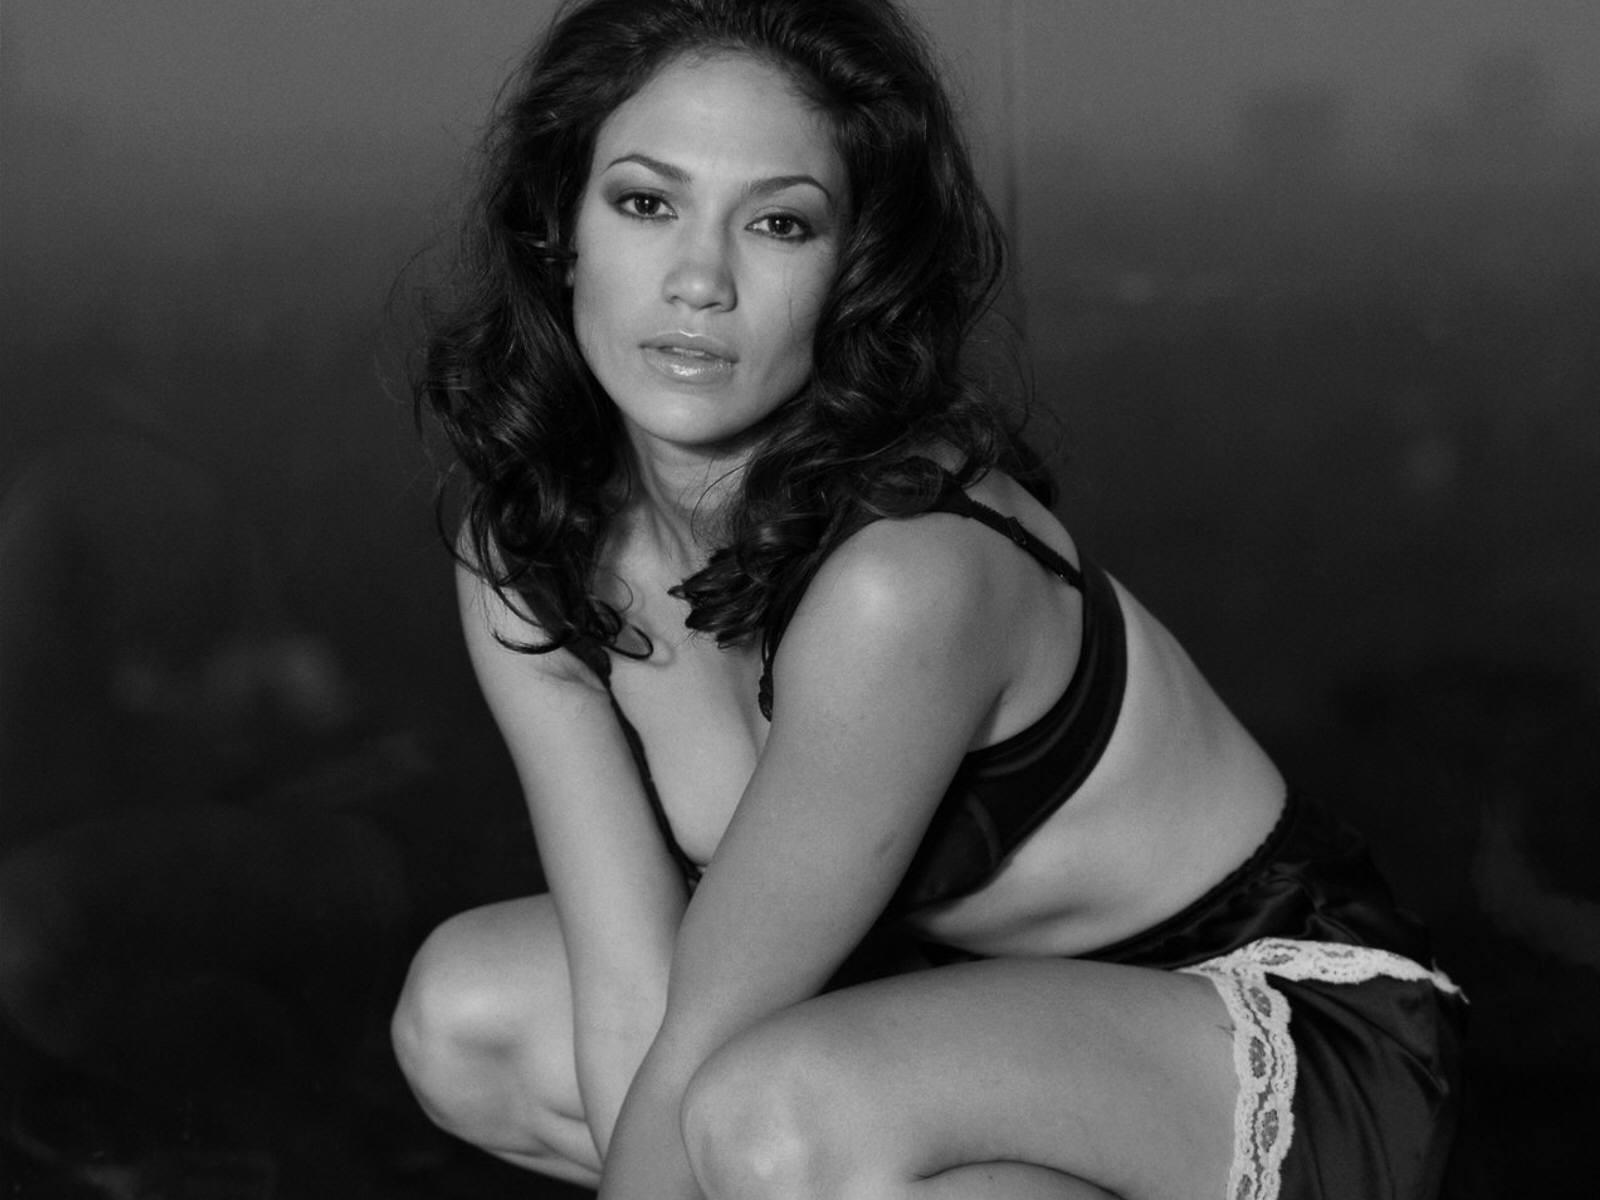 Wallpaper di Jennifer Lopez, bomba sexy del pop latino